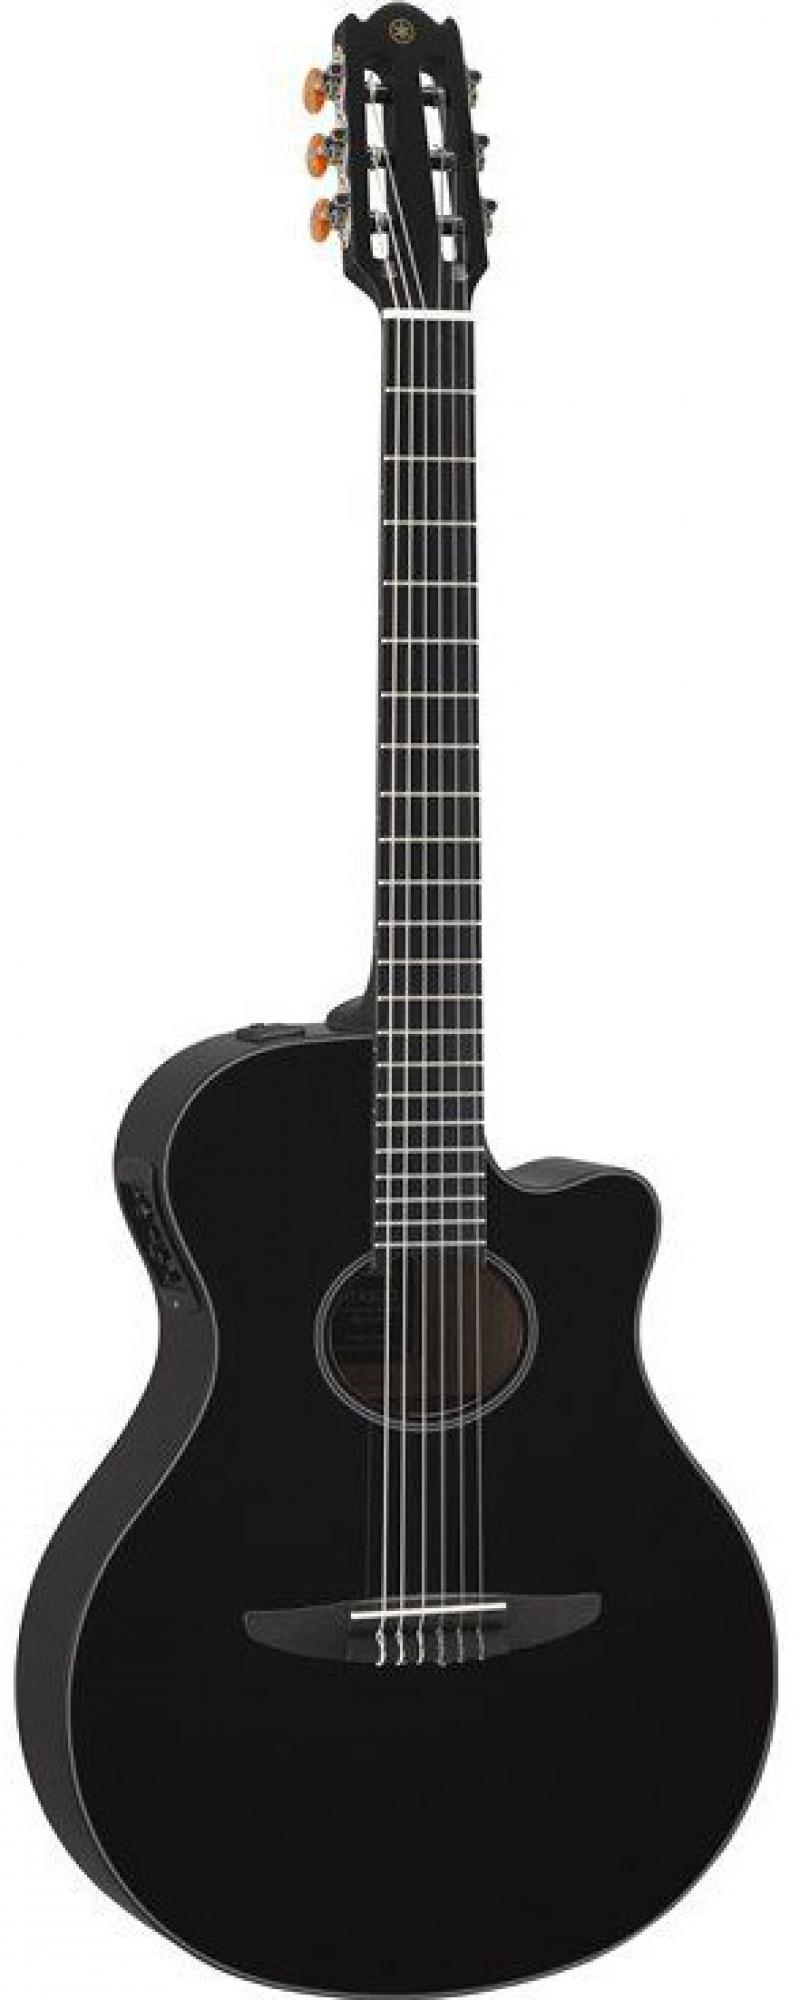 Yamaha NTX500 BL klasiskā ģitāra ar elektroniku